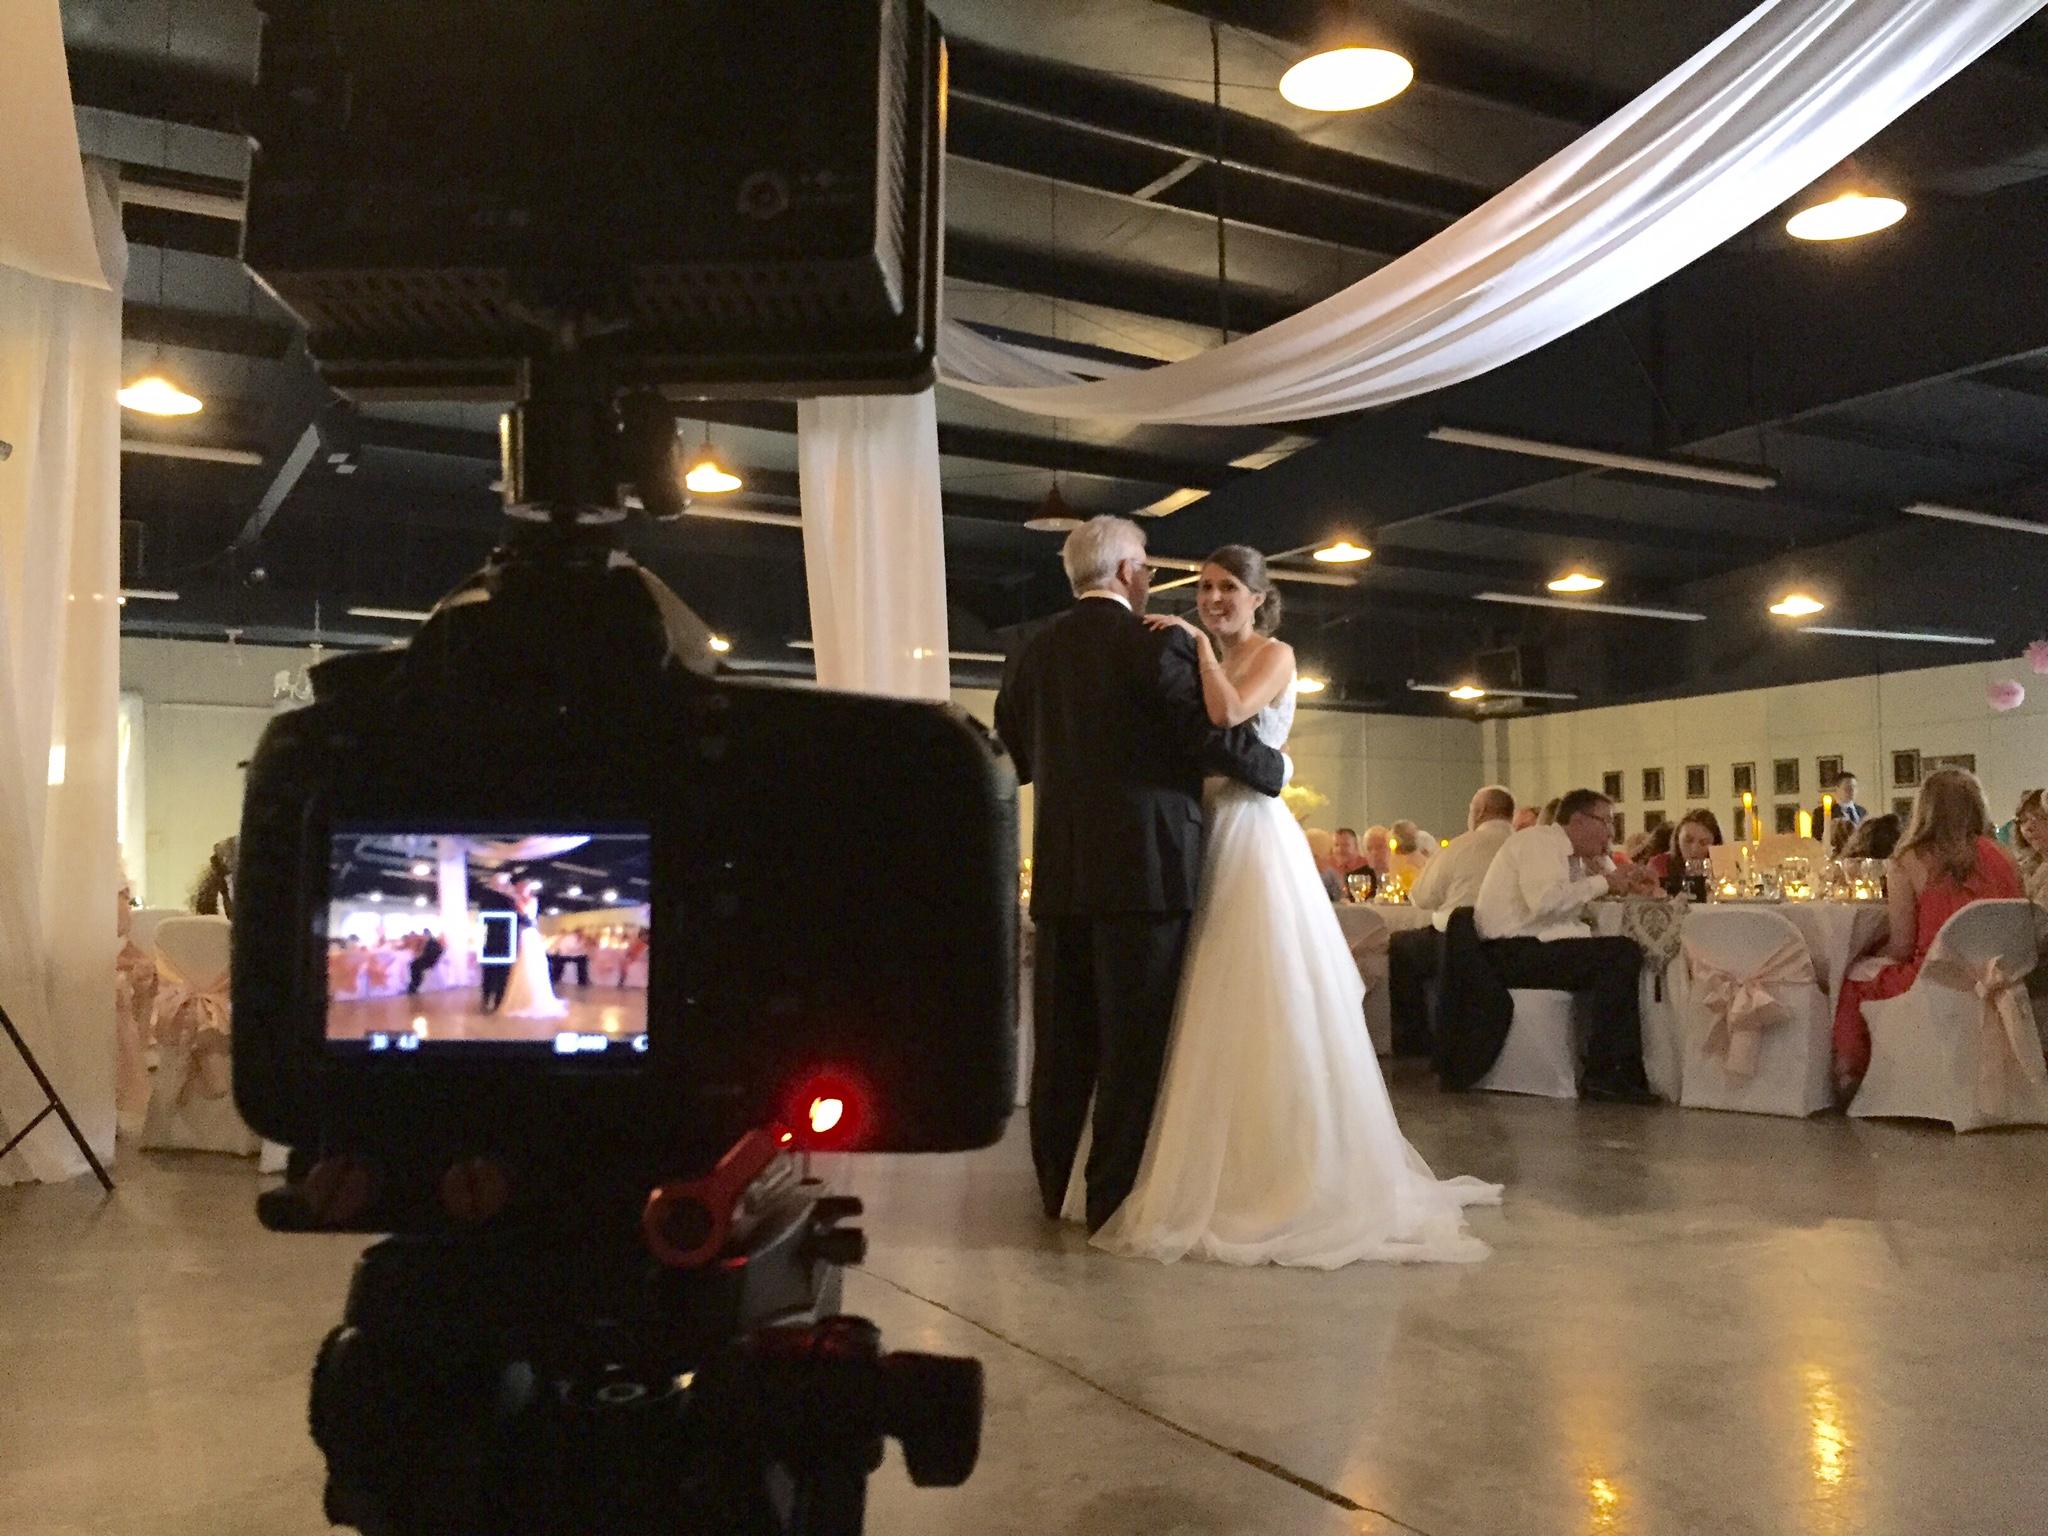 snyder-entertainment-first-dance-wedding